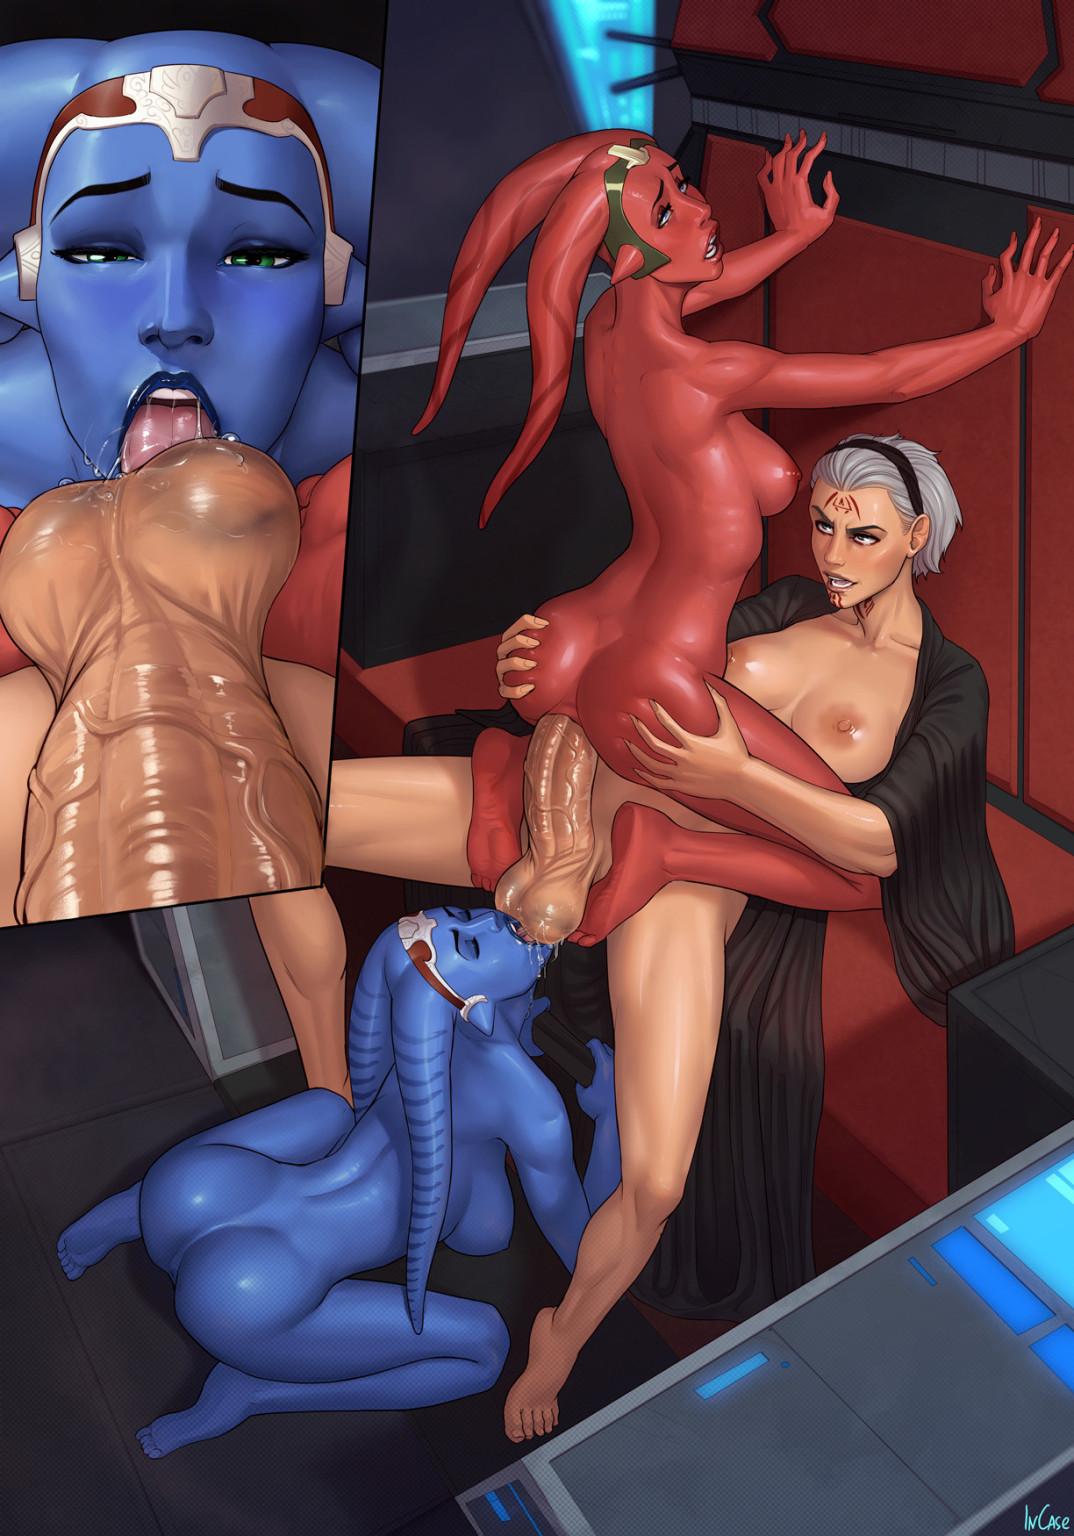 Alien Futanari futanari porn comics - pichunter